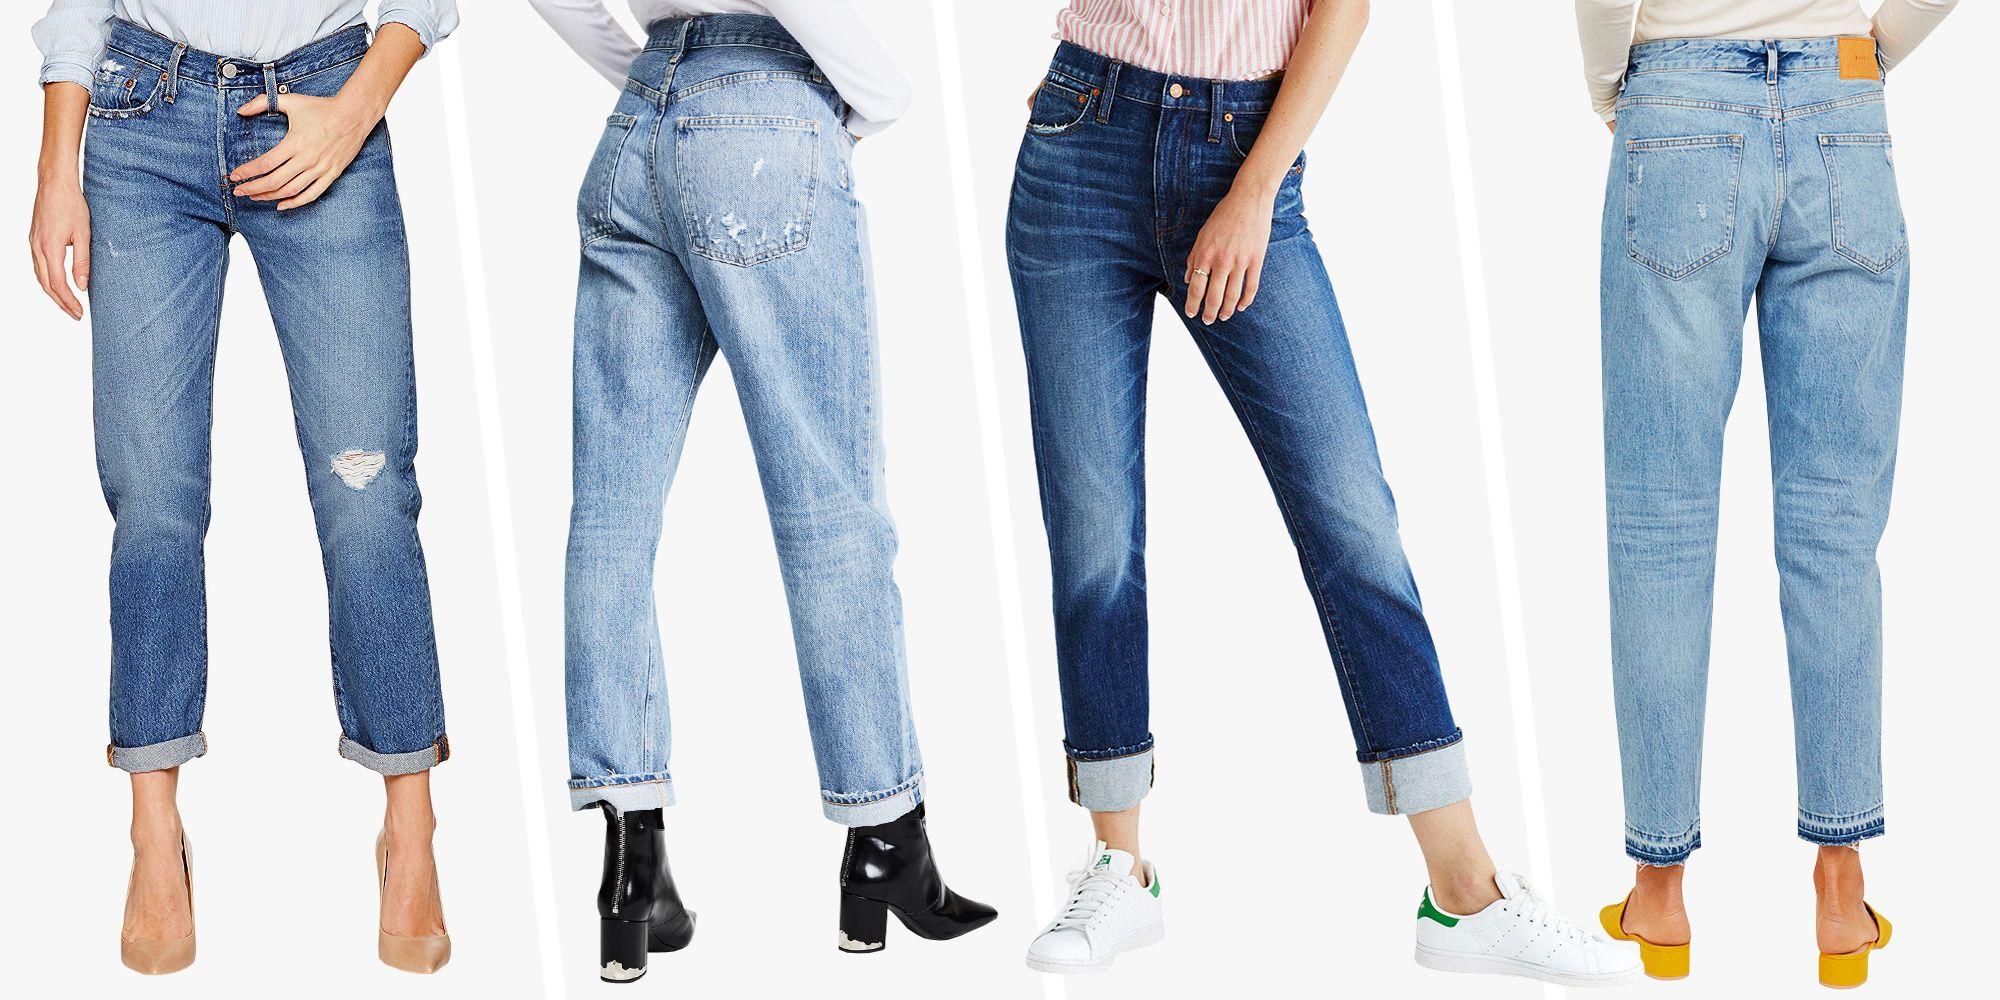 10 Best Boyfriend Jeans For Women Cute Boyfriend Jean Styles For 2018